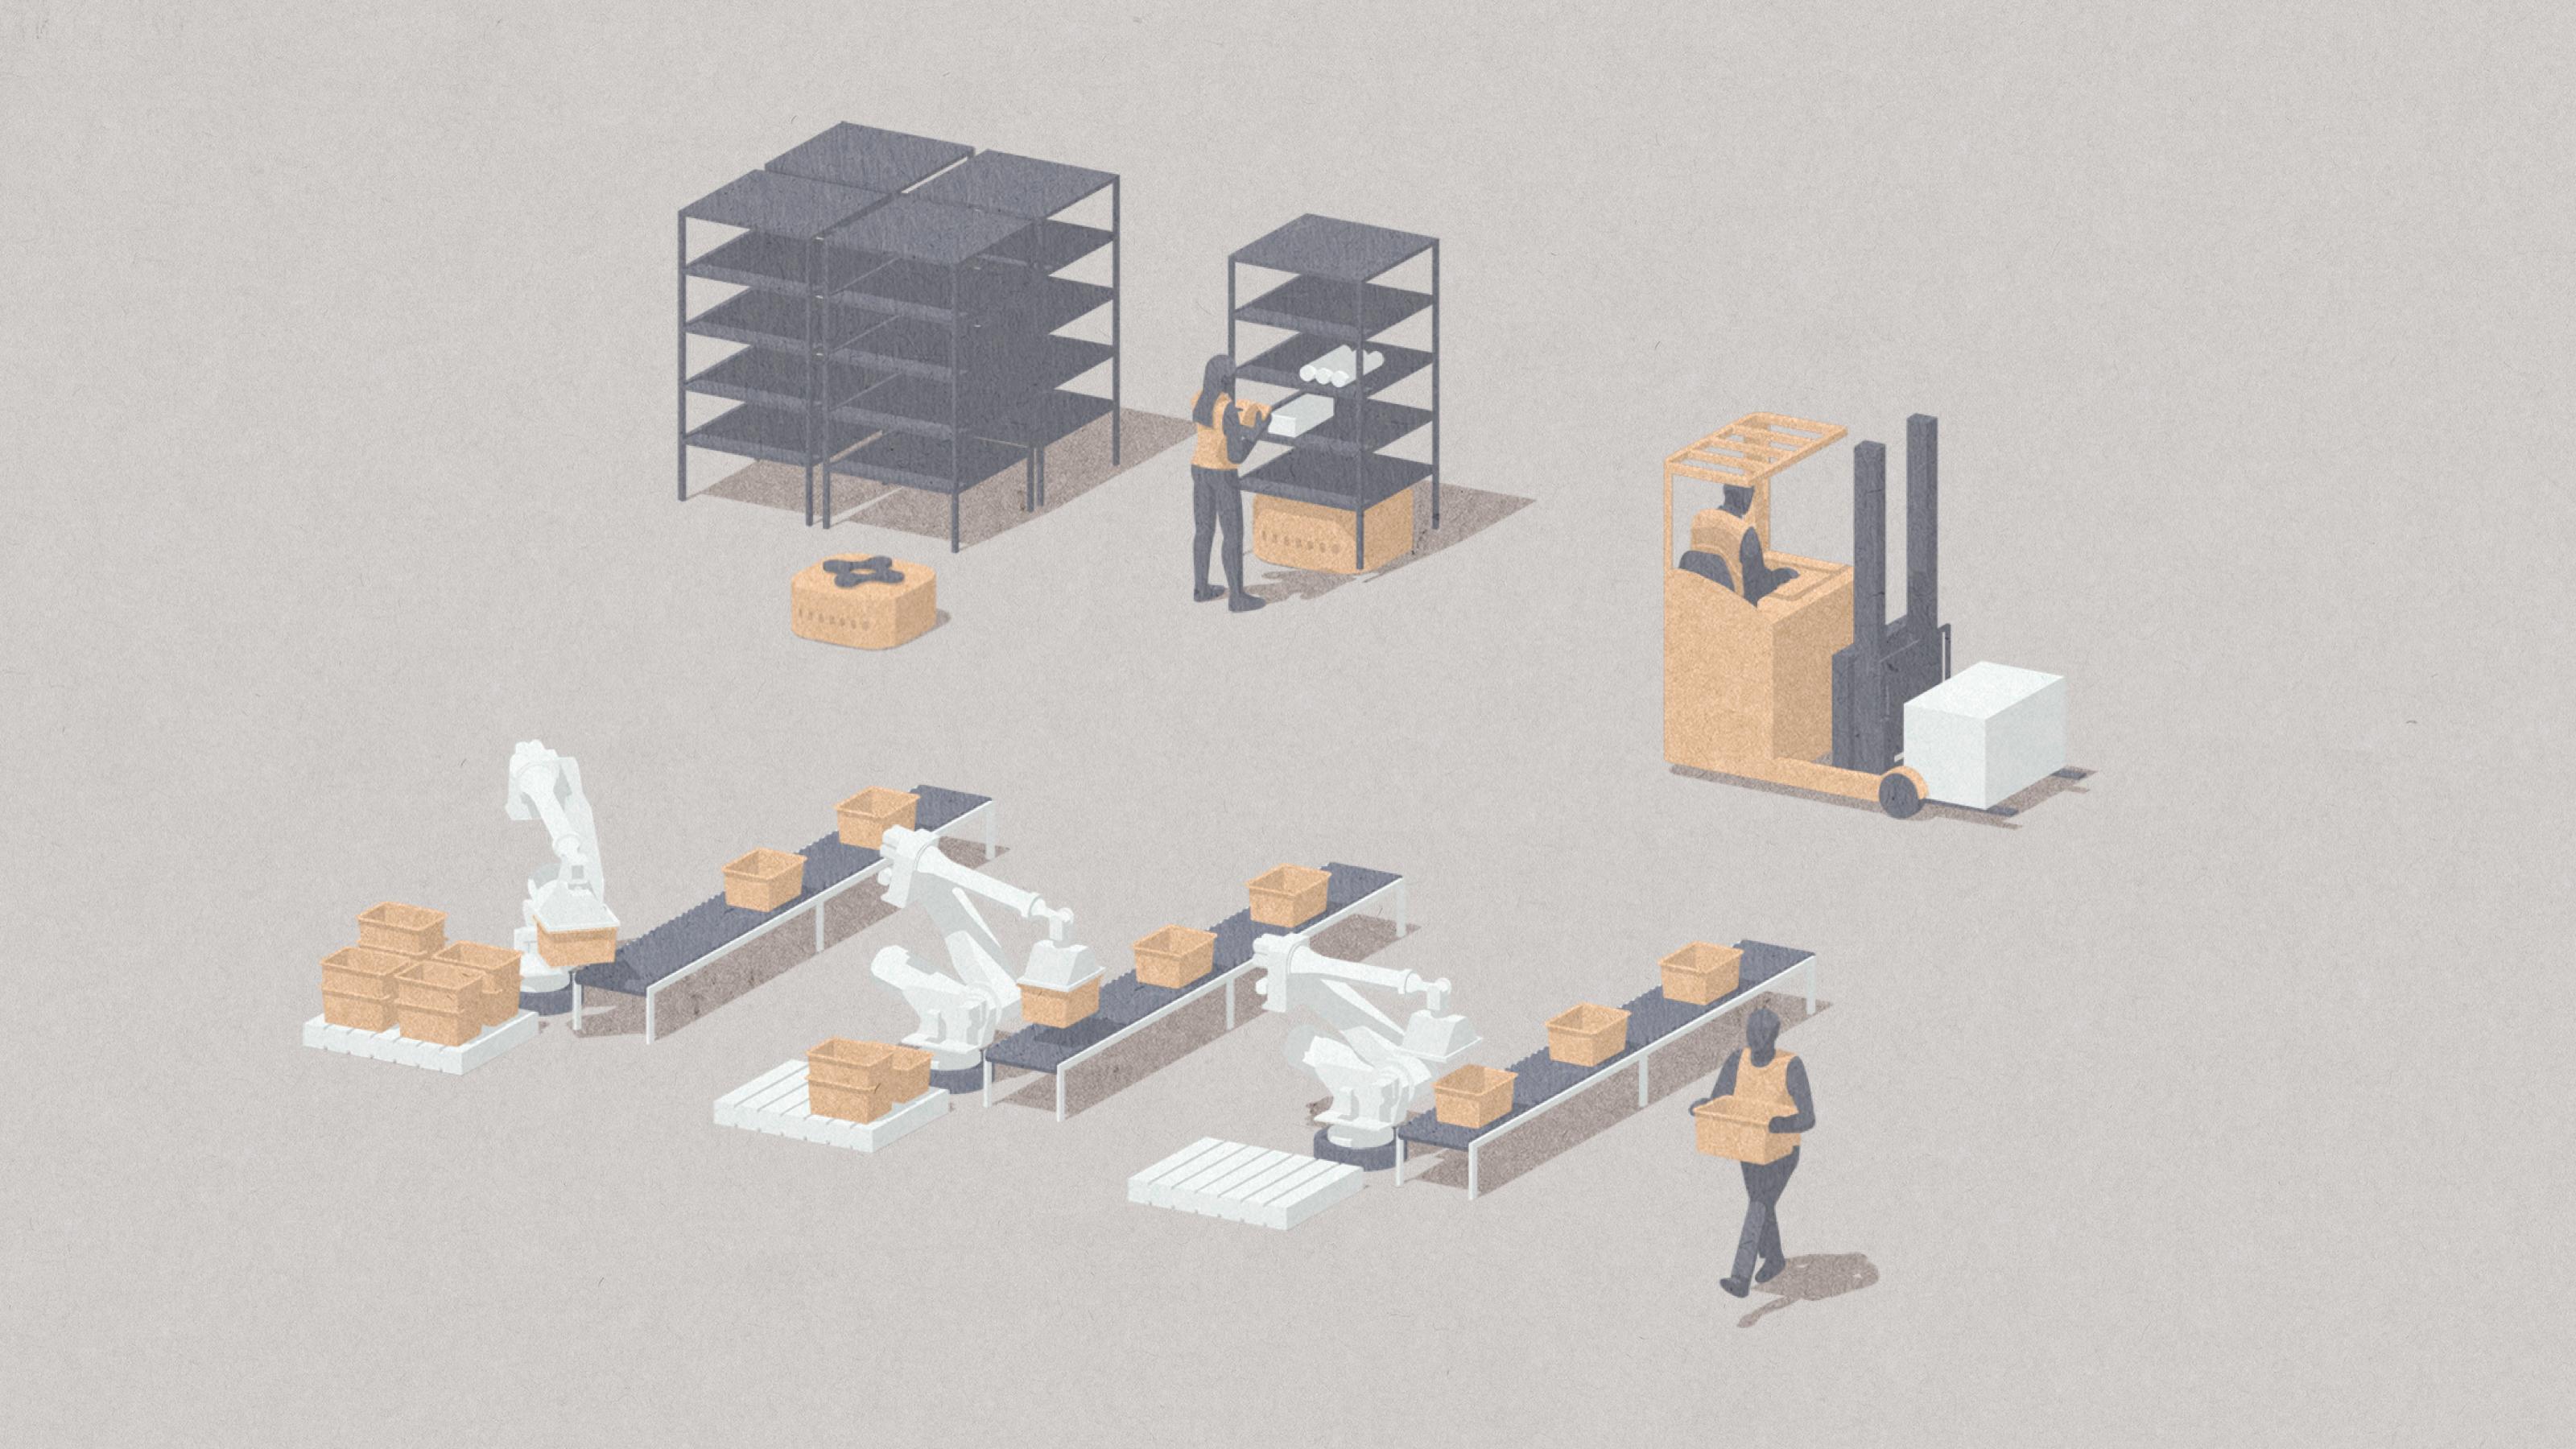 Amazon built its hyper efficient warehouses by embracing chaos — Quartz